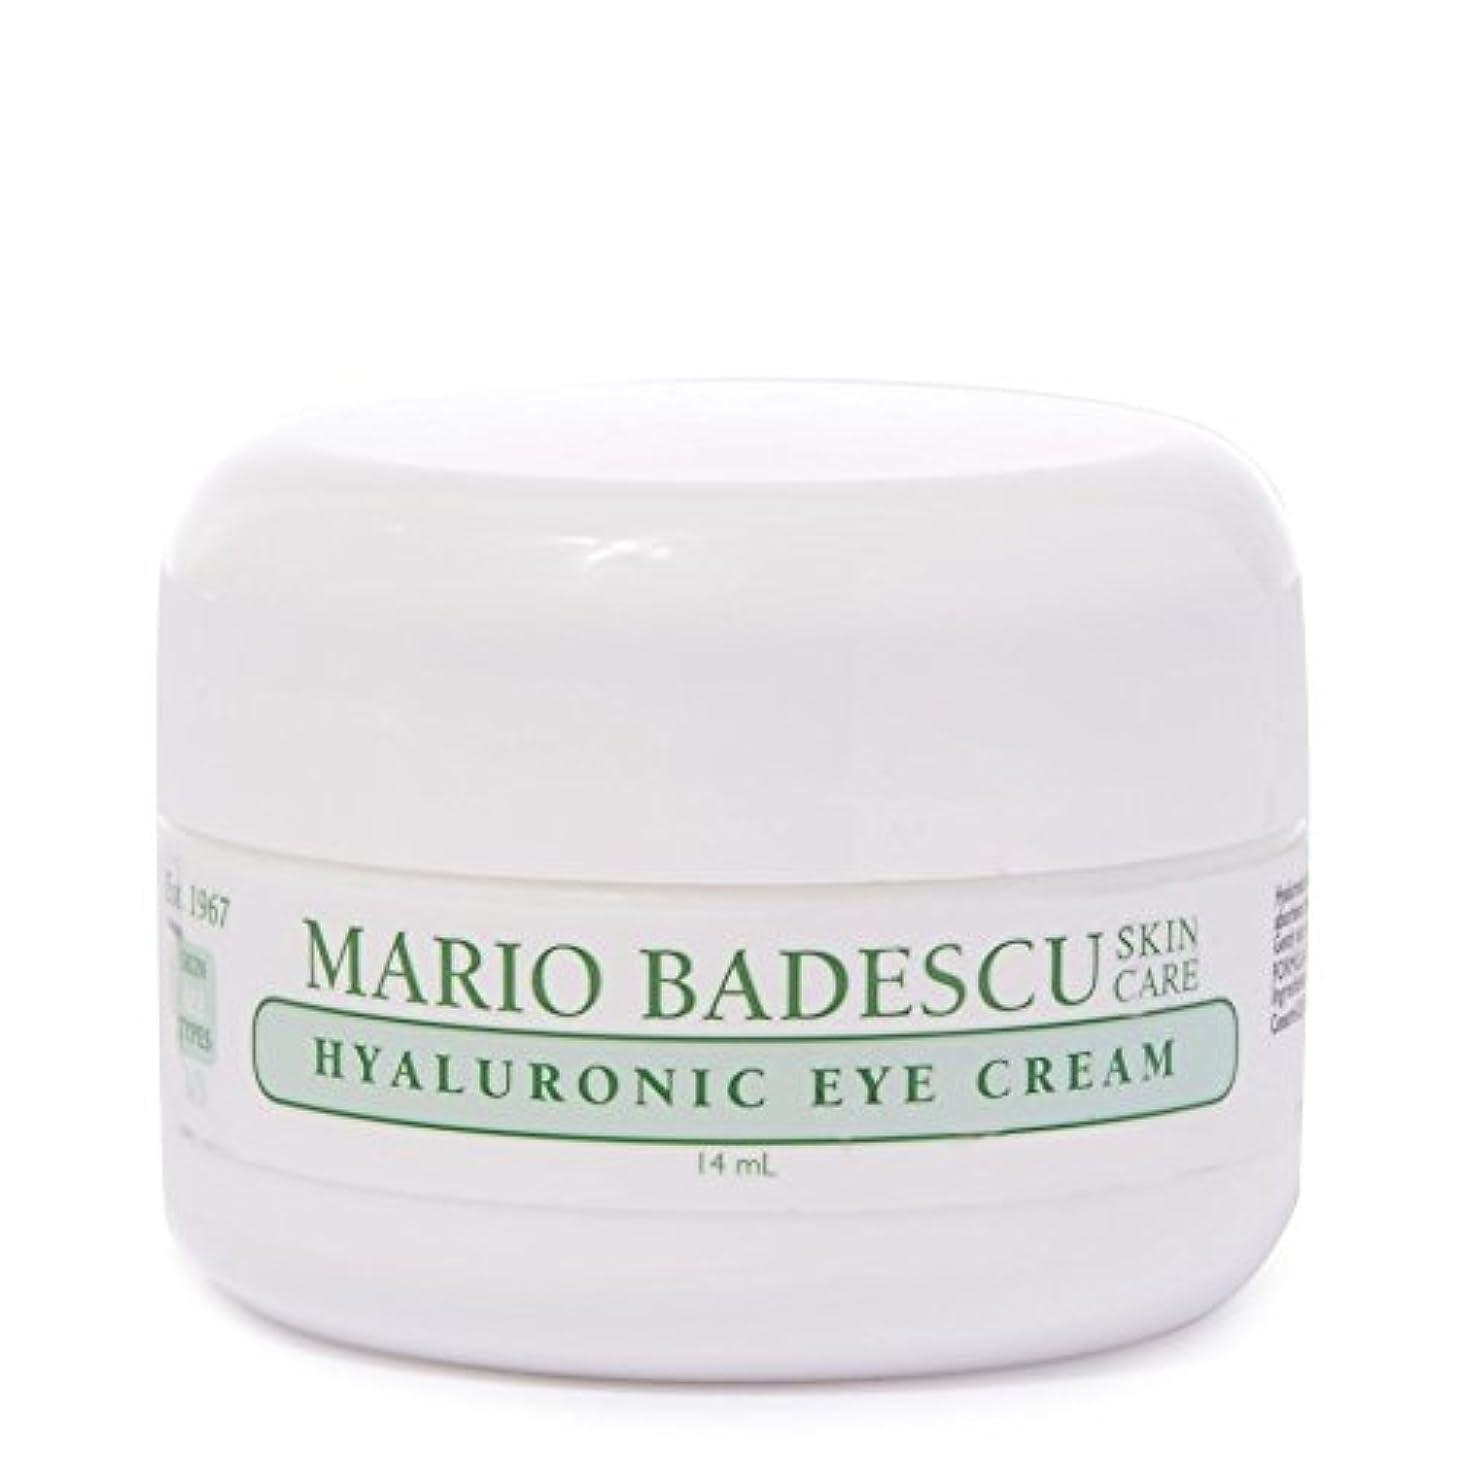 形成印象凍結Mario Badescu Hyaluronic Eye Cream 14ml - マリオ?バデスキューヒアルロンアイクリーム14ミリリットル [並行輸入品]